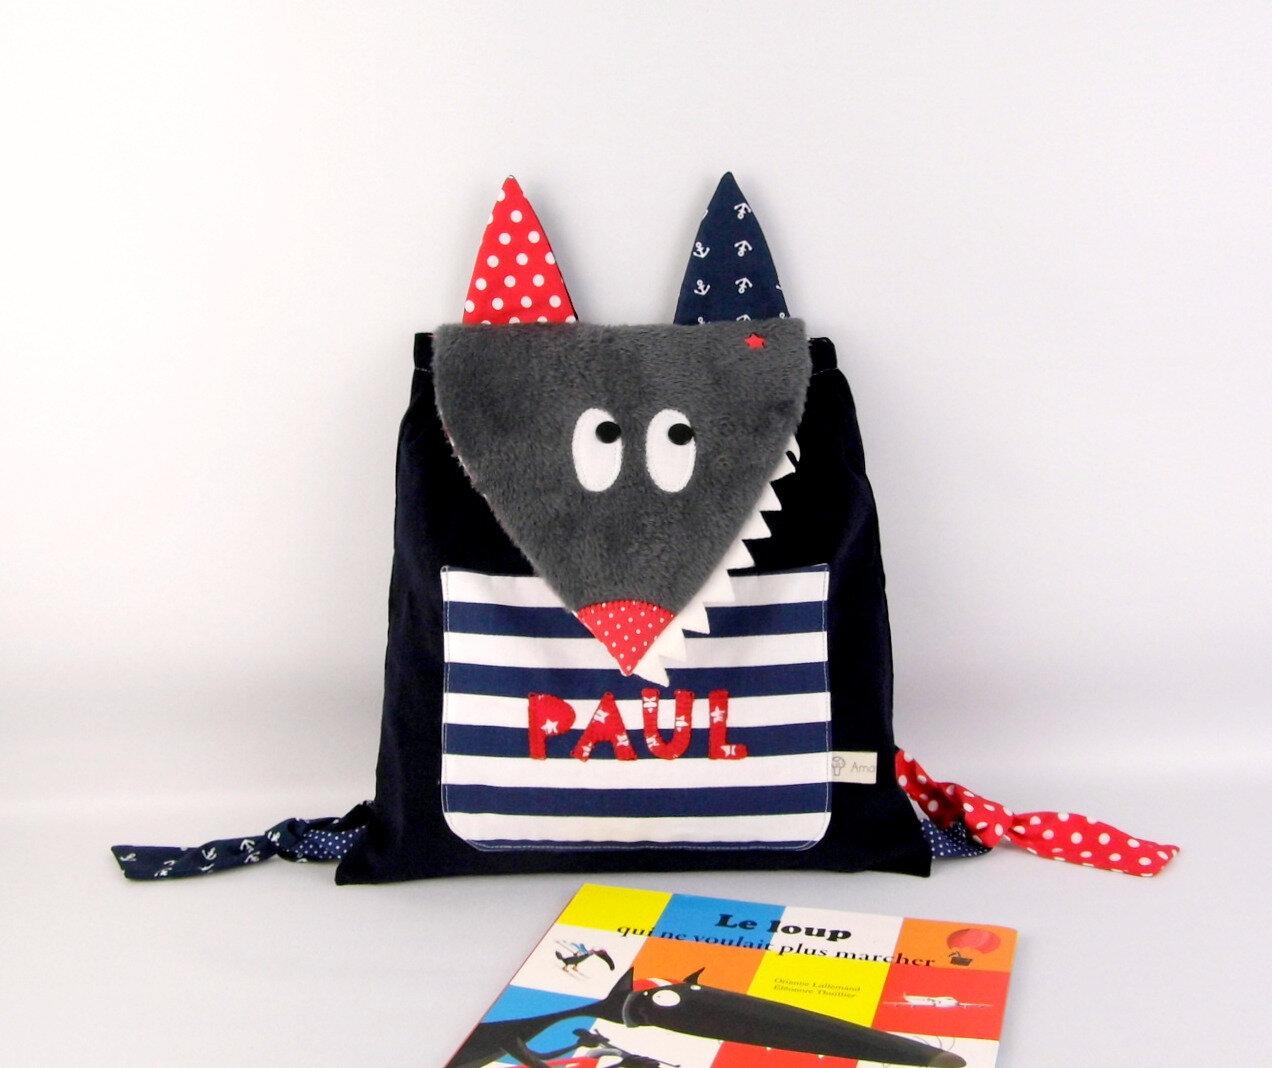 Sac à dos enfant style marin personnalisé prénom Paul sac loup garçon rouge bleu marine rentrée des classes école maternelle